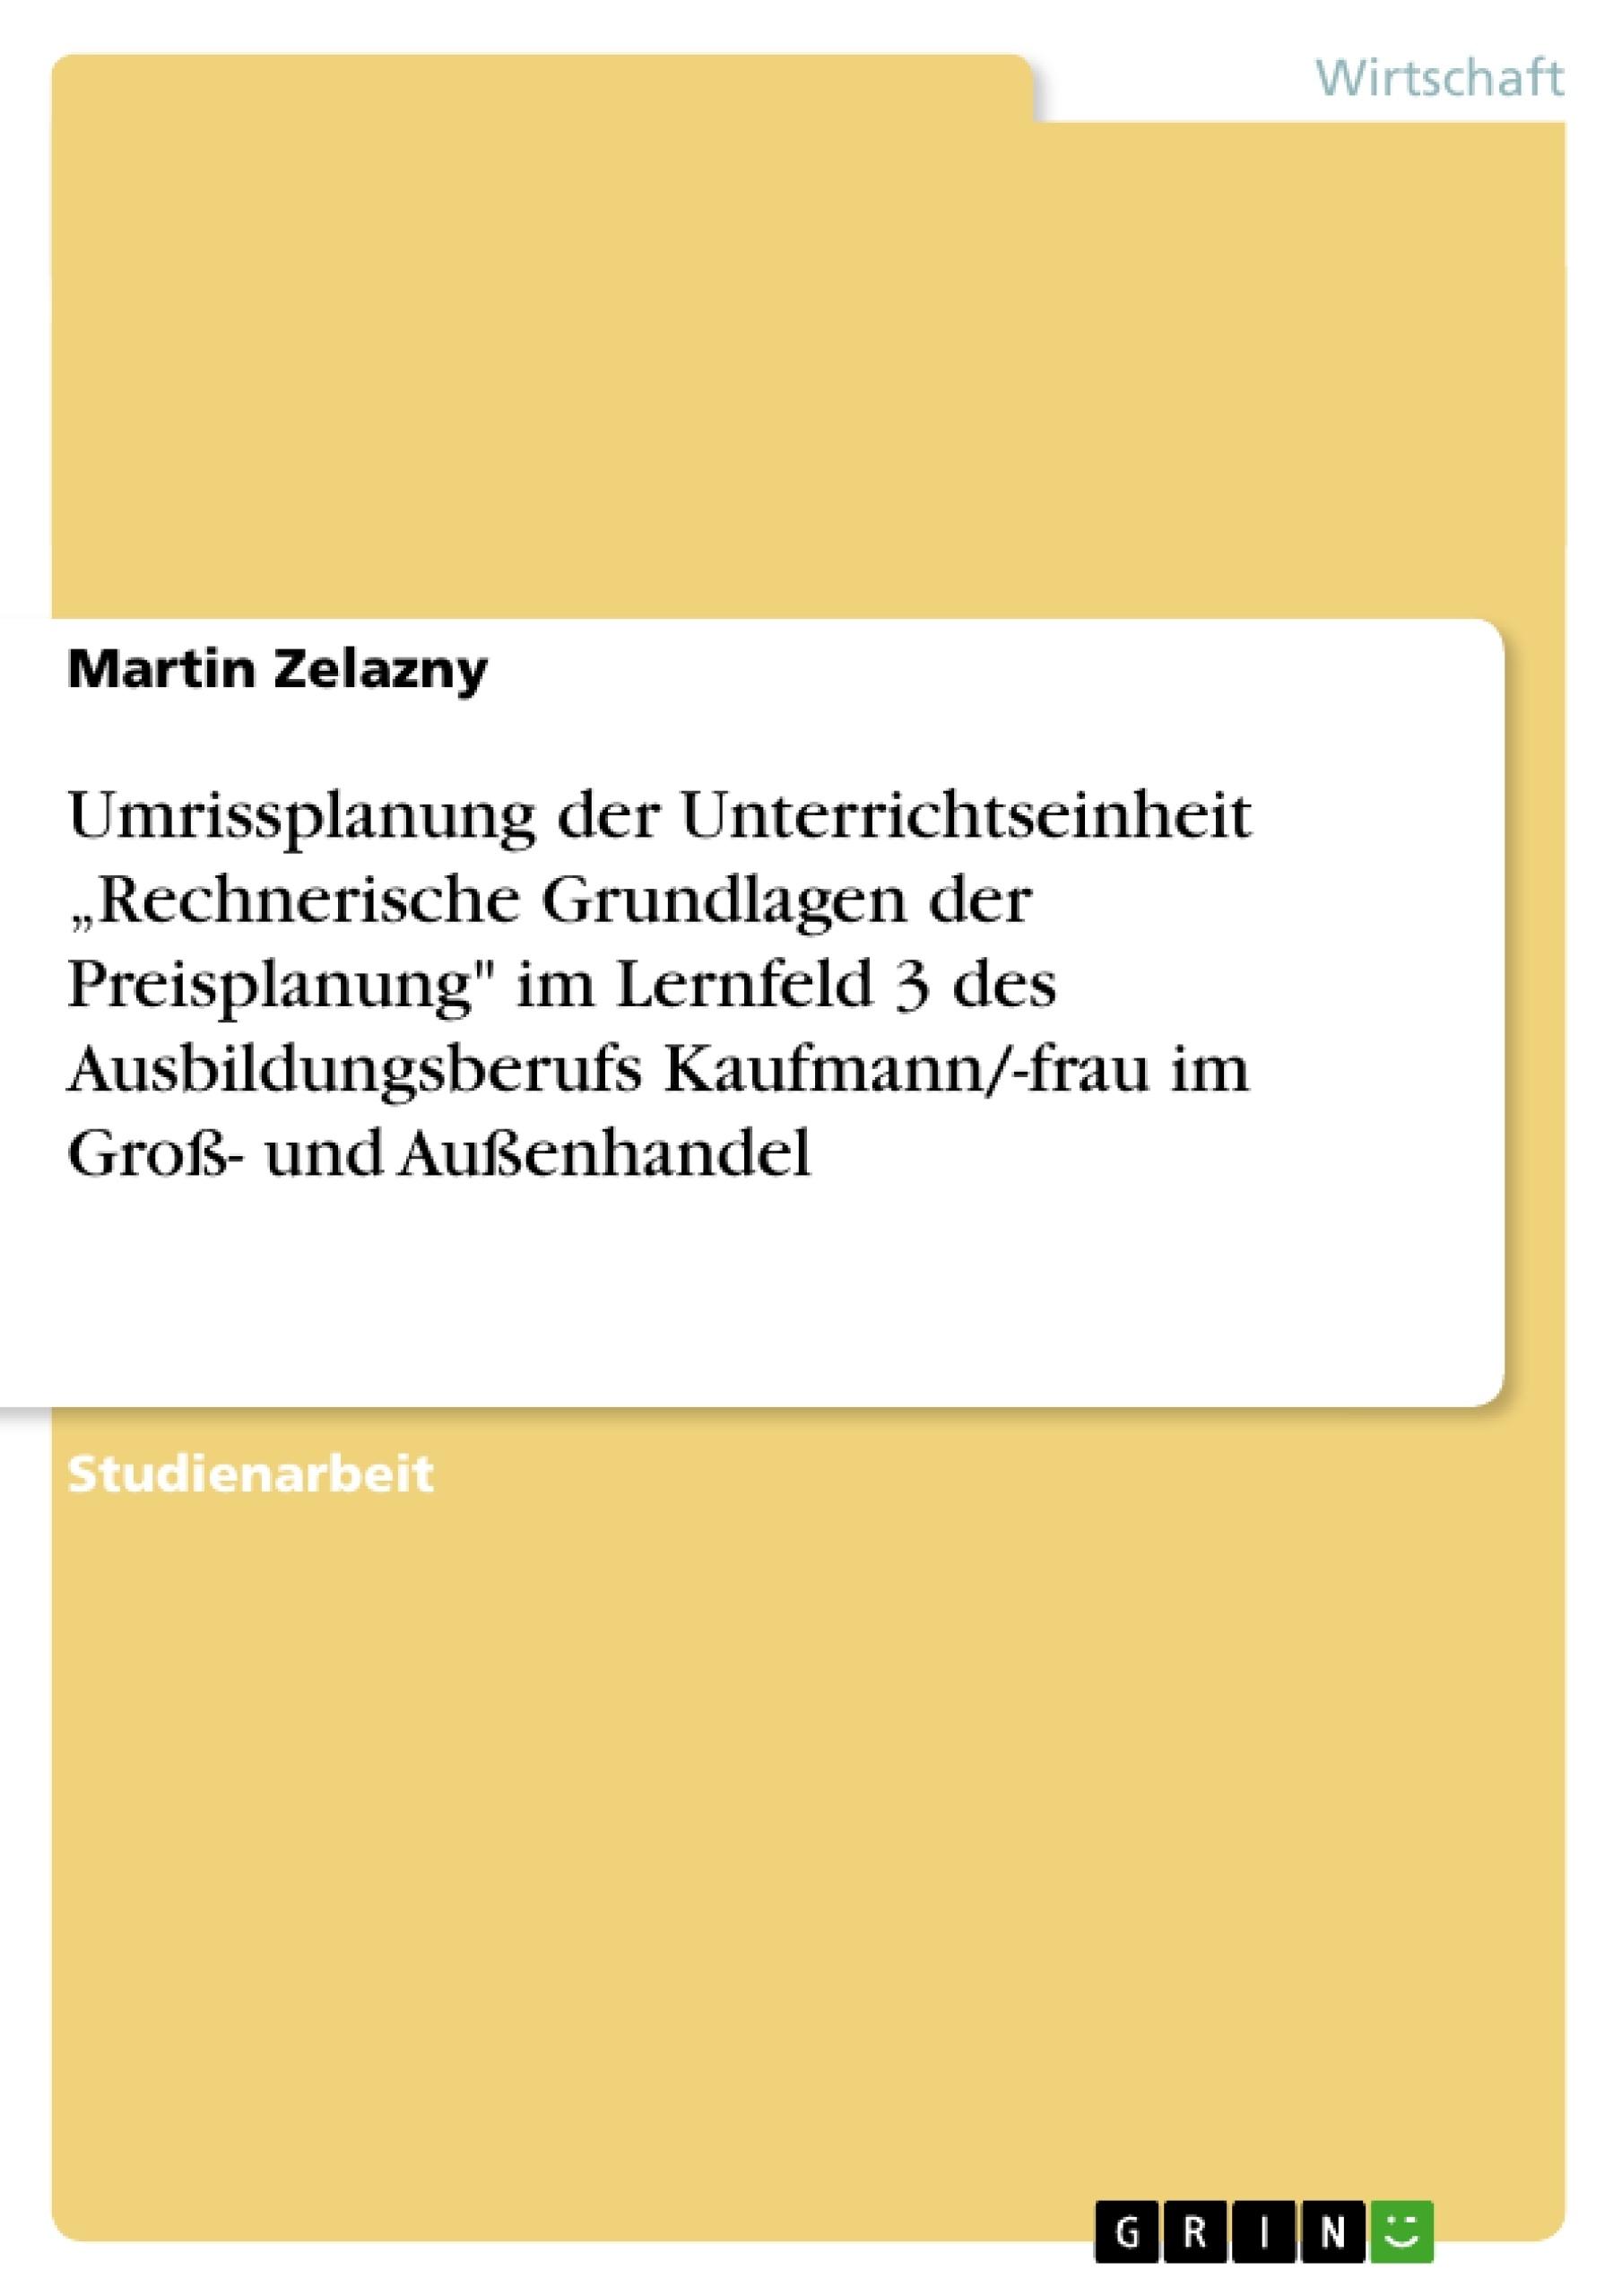 """Titel: Umrissplanung der Unterrichtseinheit """"Rechnerische Grundlagen der Preisplanung"""" im Lernfeld 3 des Ausbildungsberufs Kaufmann/-frau im Groß- und Außenhandel"""